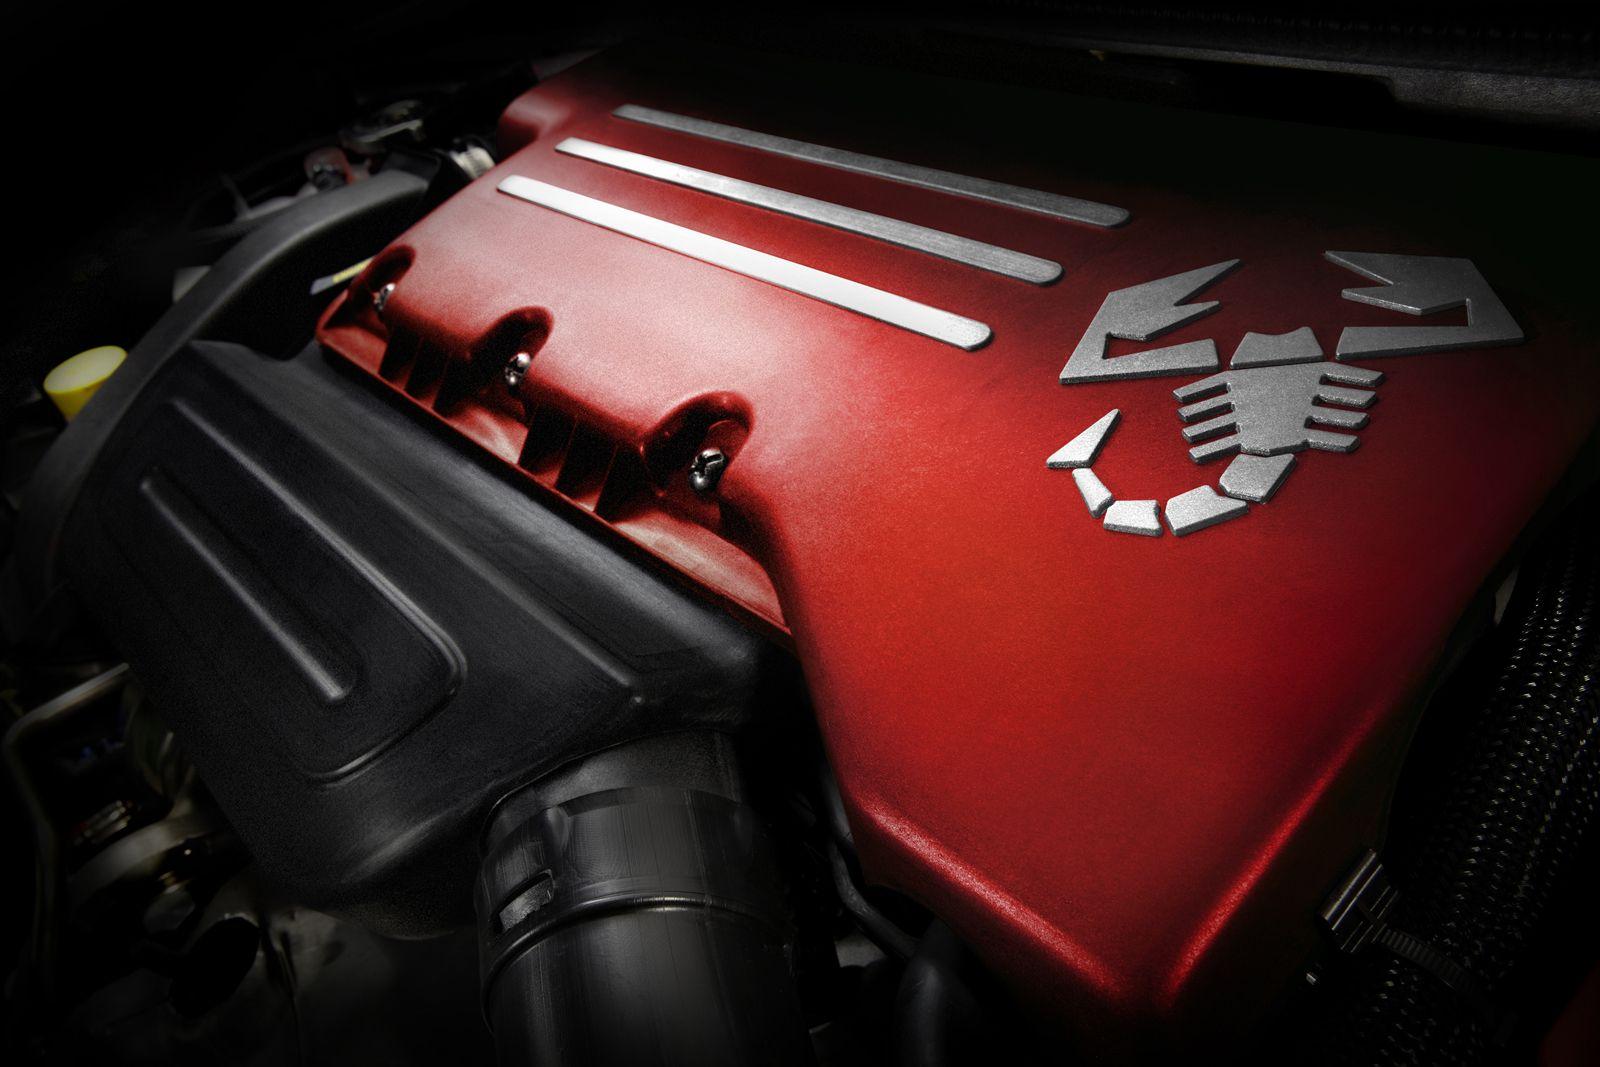 Complete Fiat 500 Abarth Ecu Tuning Guide Fiat 500 2012 Fiat